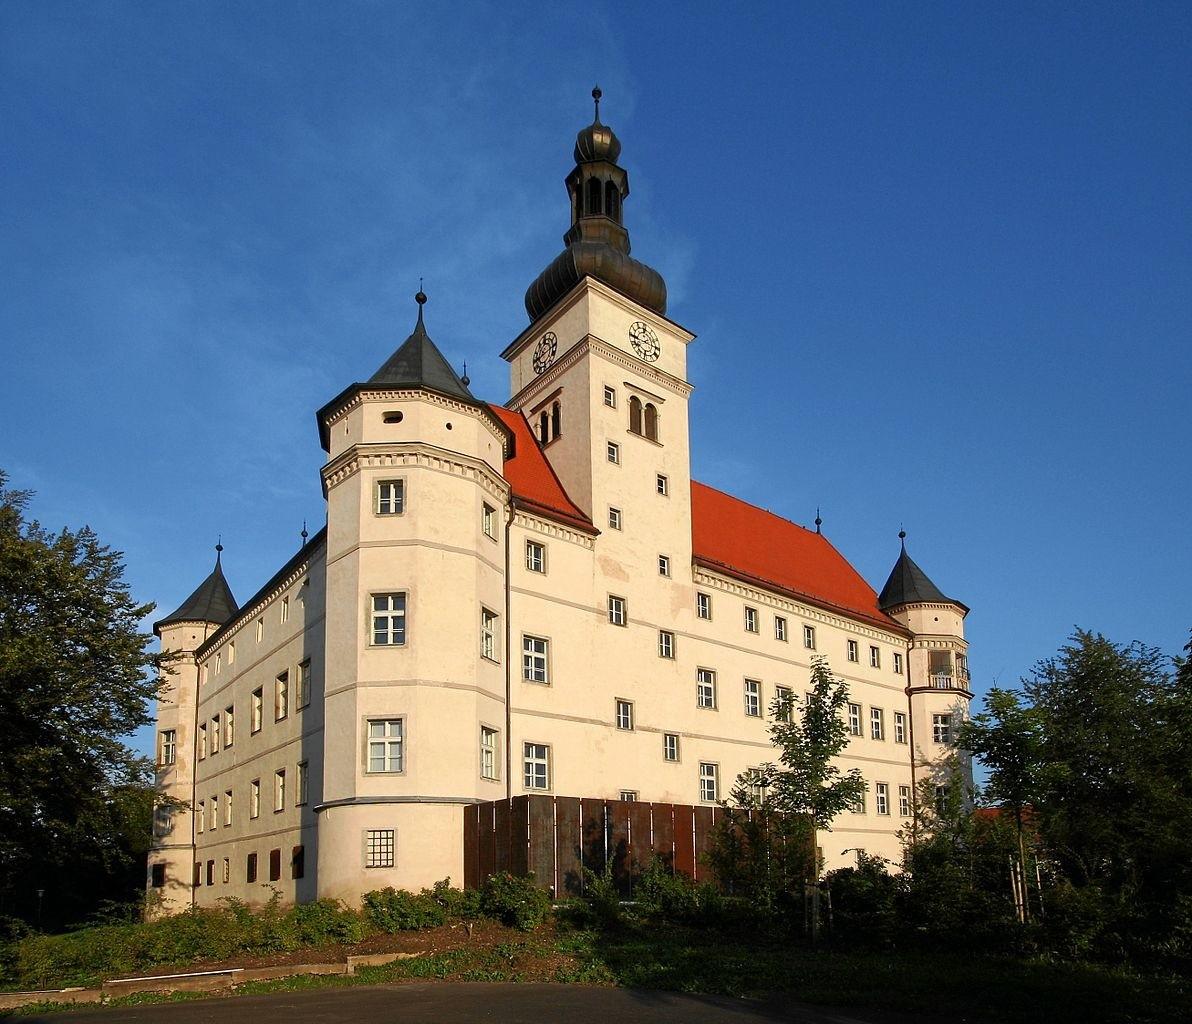 XVII-wieczny zamek w miejscowości Alkoven (obok Linzu) w Górnej Austrii. W czasie II wojny światowej, utworzono tam jeden z ośrodków eutanazji w III